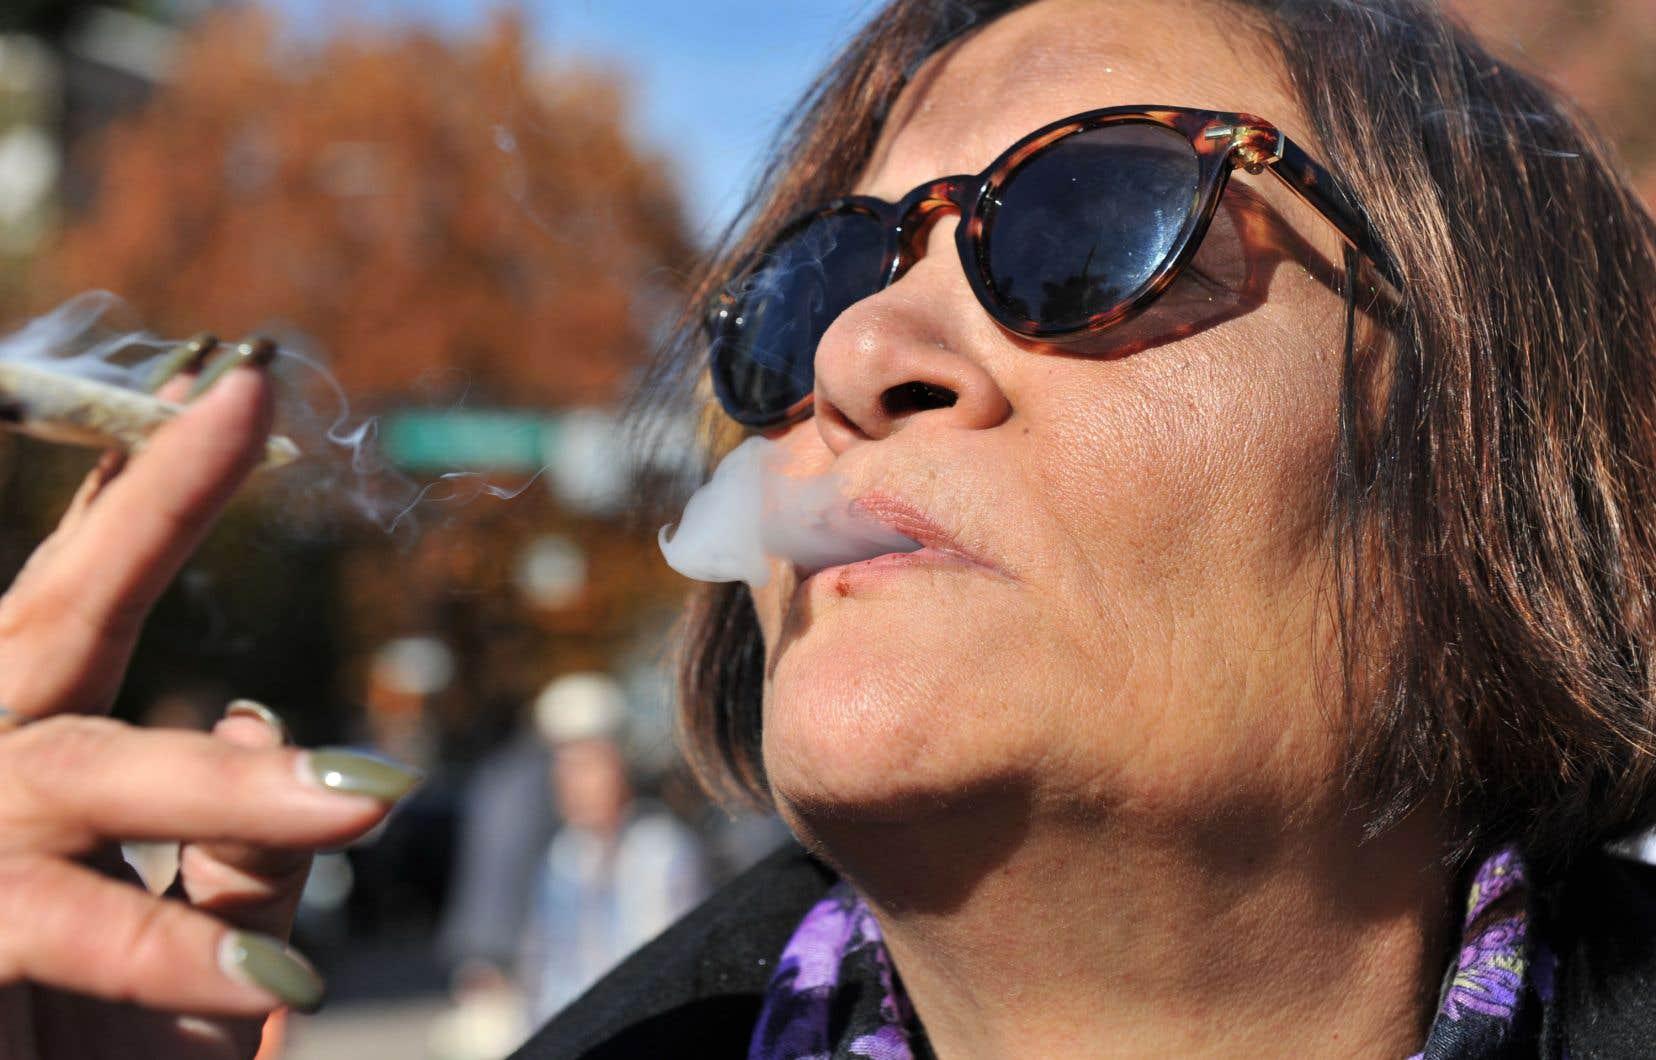 Les chercheurs concluent que d'autres études sont nécessaires «dans le contexte de la légalisation de l'usage récréatif» du cannabis.